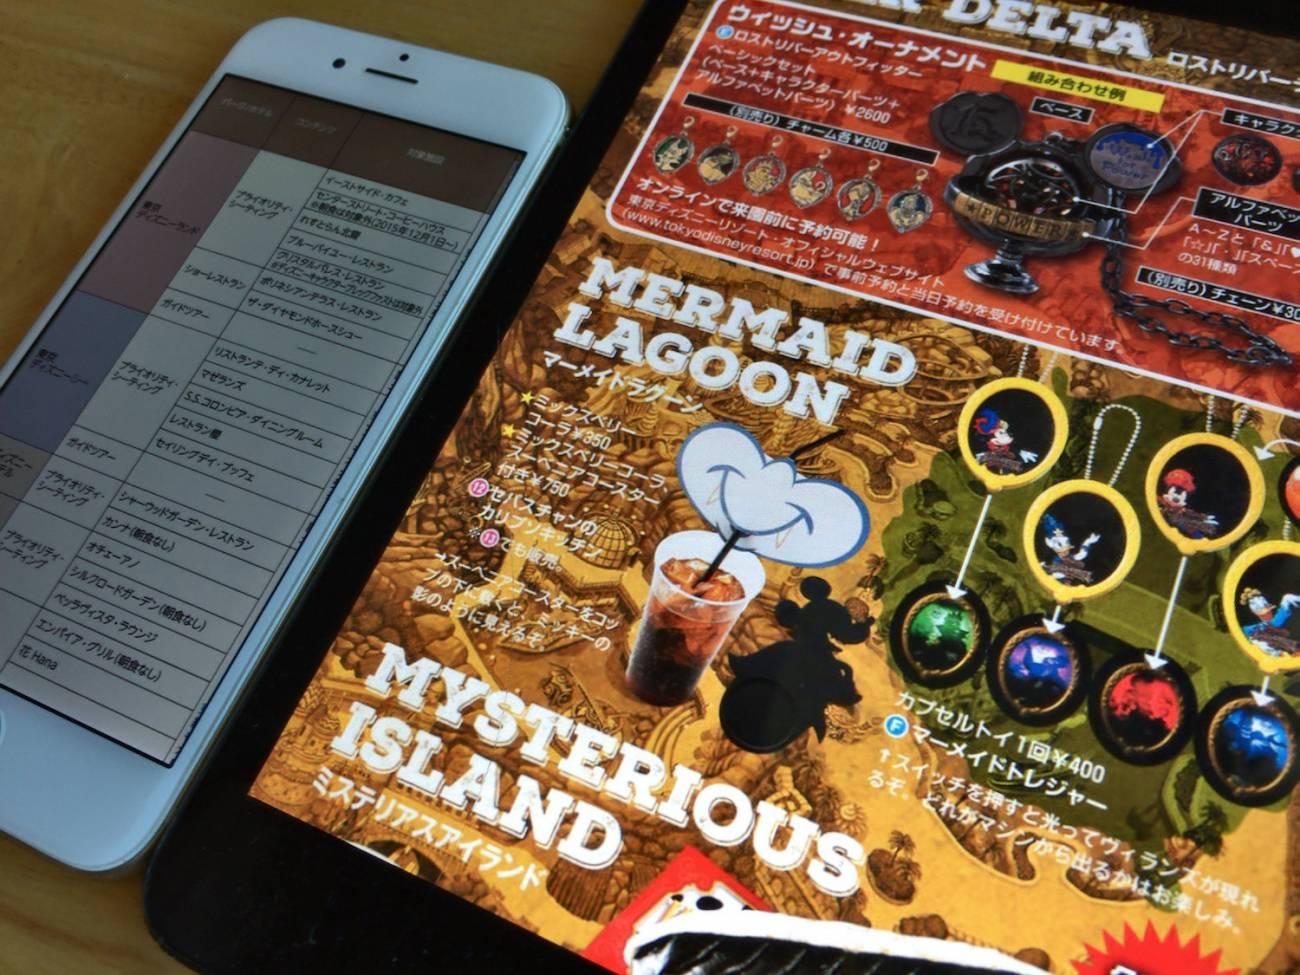 細かい表や、グッズの紹介ページもズームで楽々読めてしまいます。